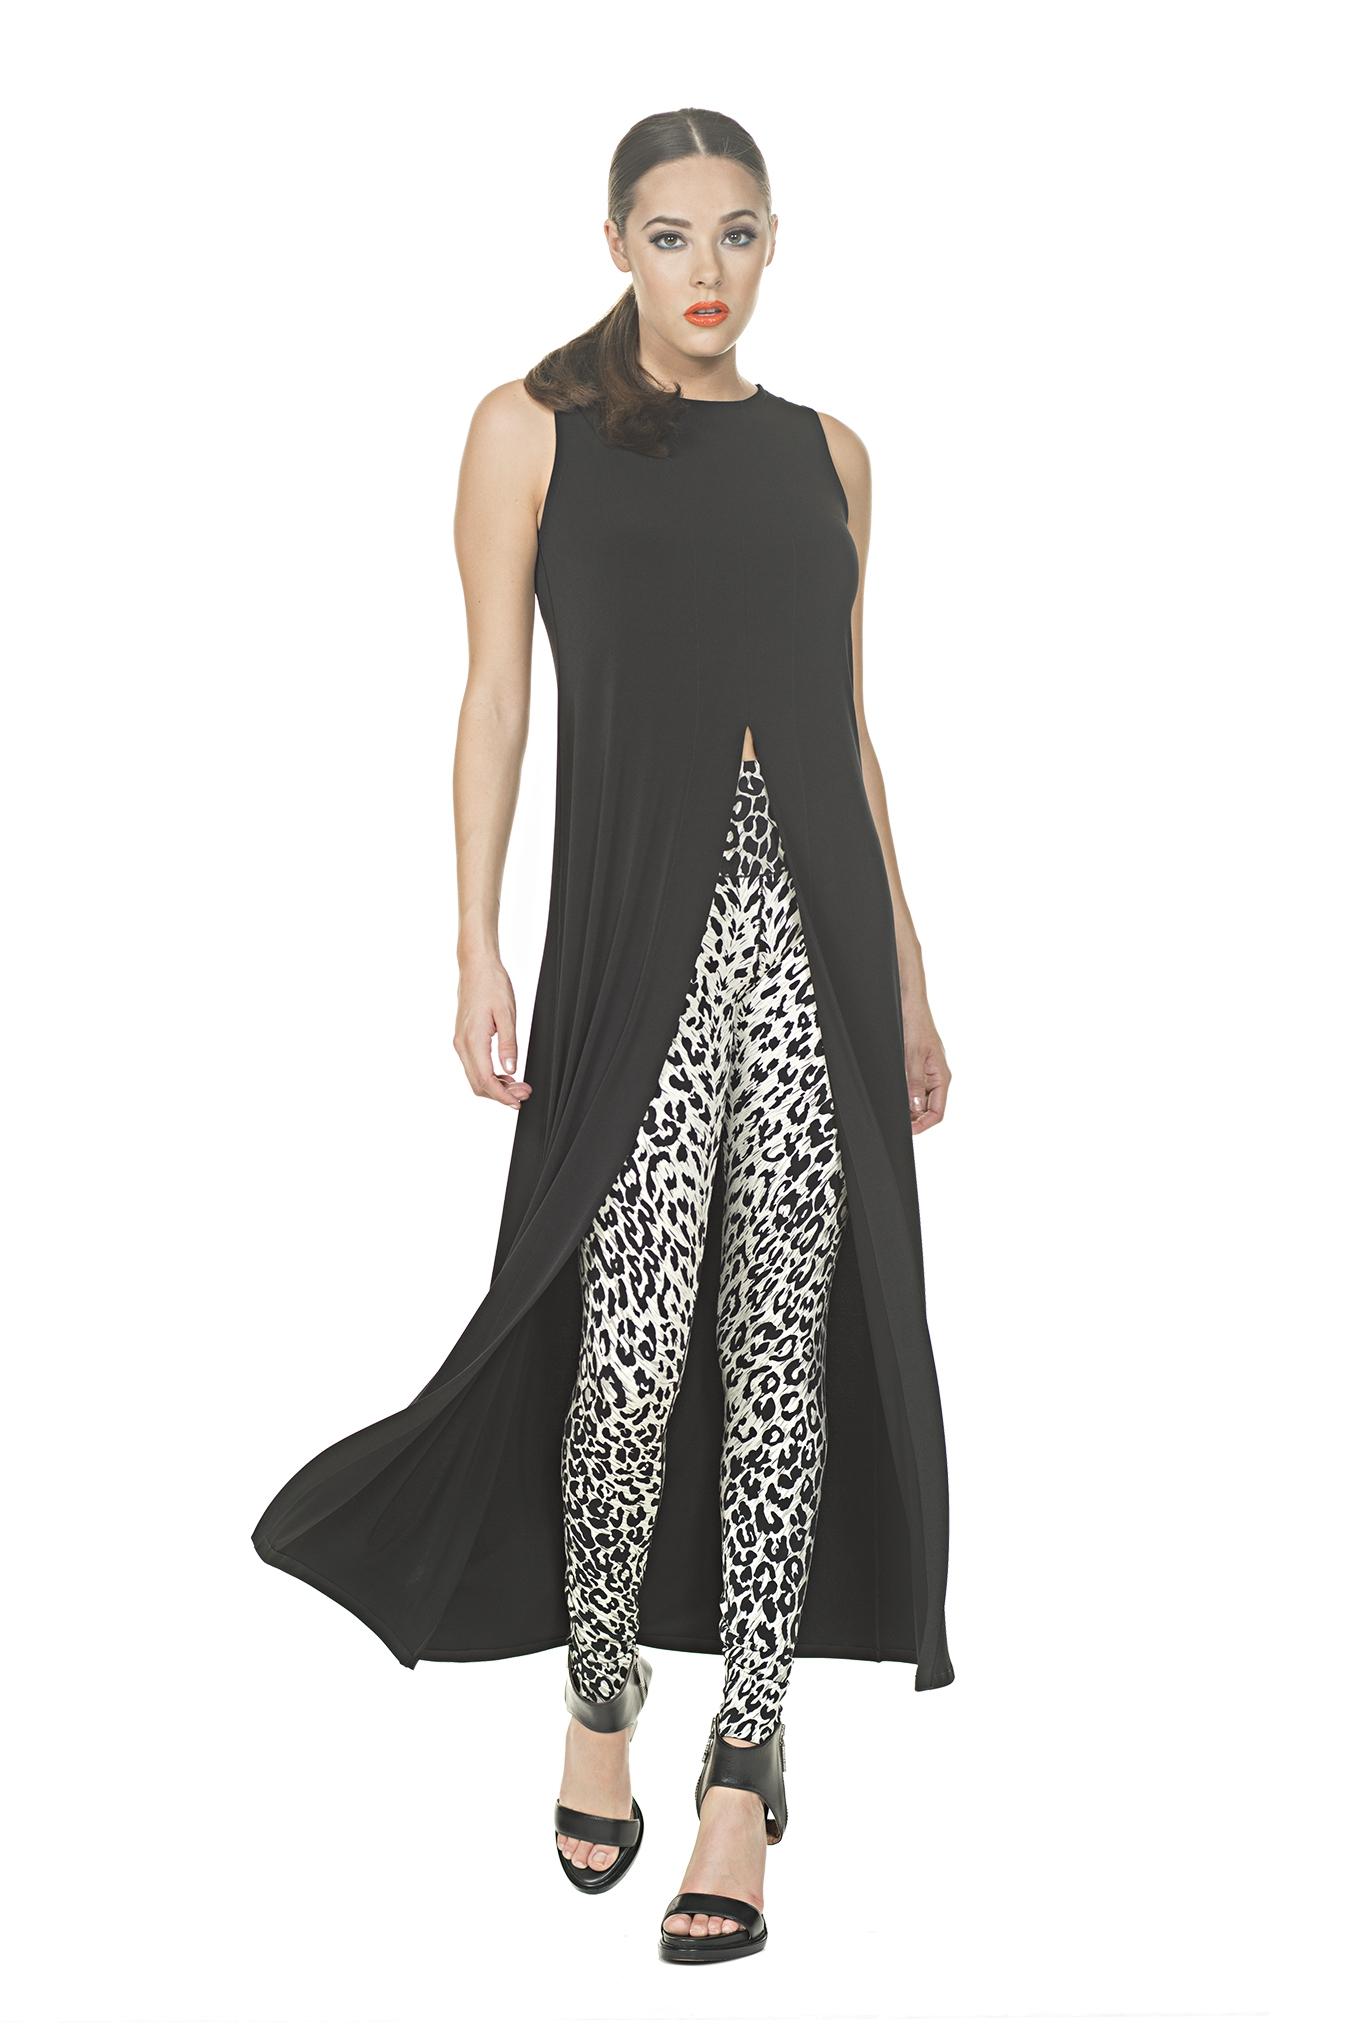 Tunics for leggings - FashionPro